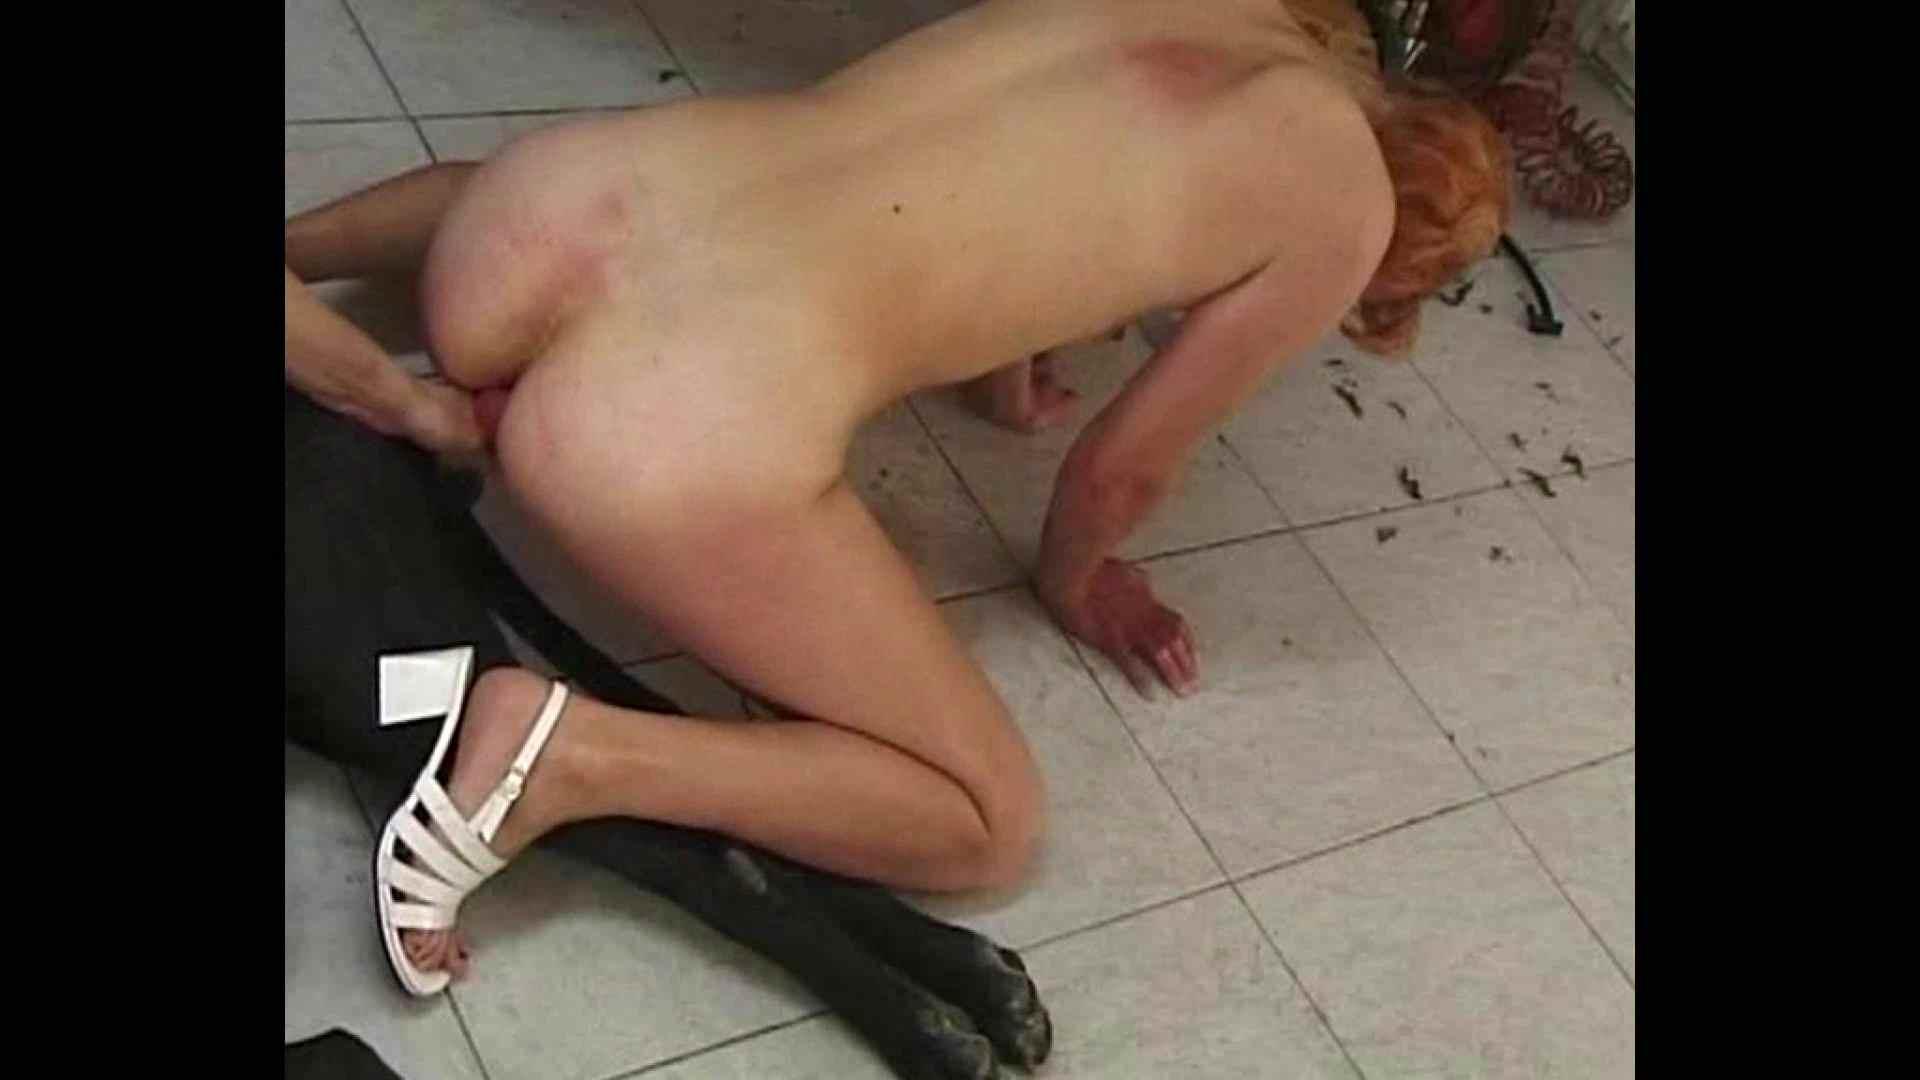 もっと衝撃的な刺激が欲しいの Vol.12 美しいOLの裸体 | 0  99pic 29